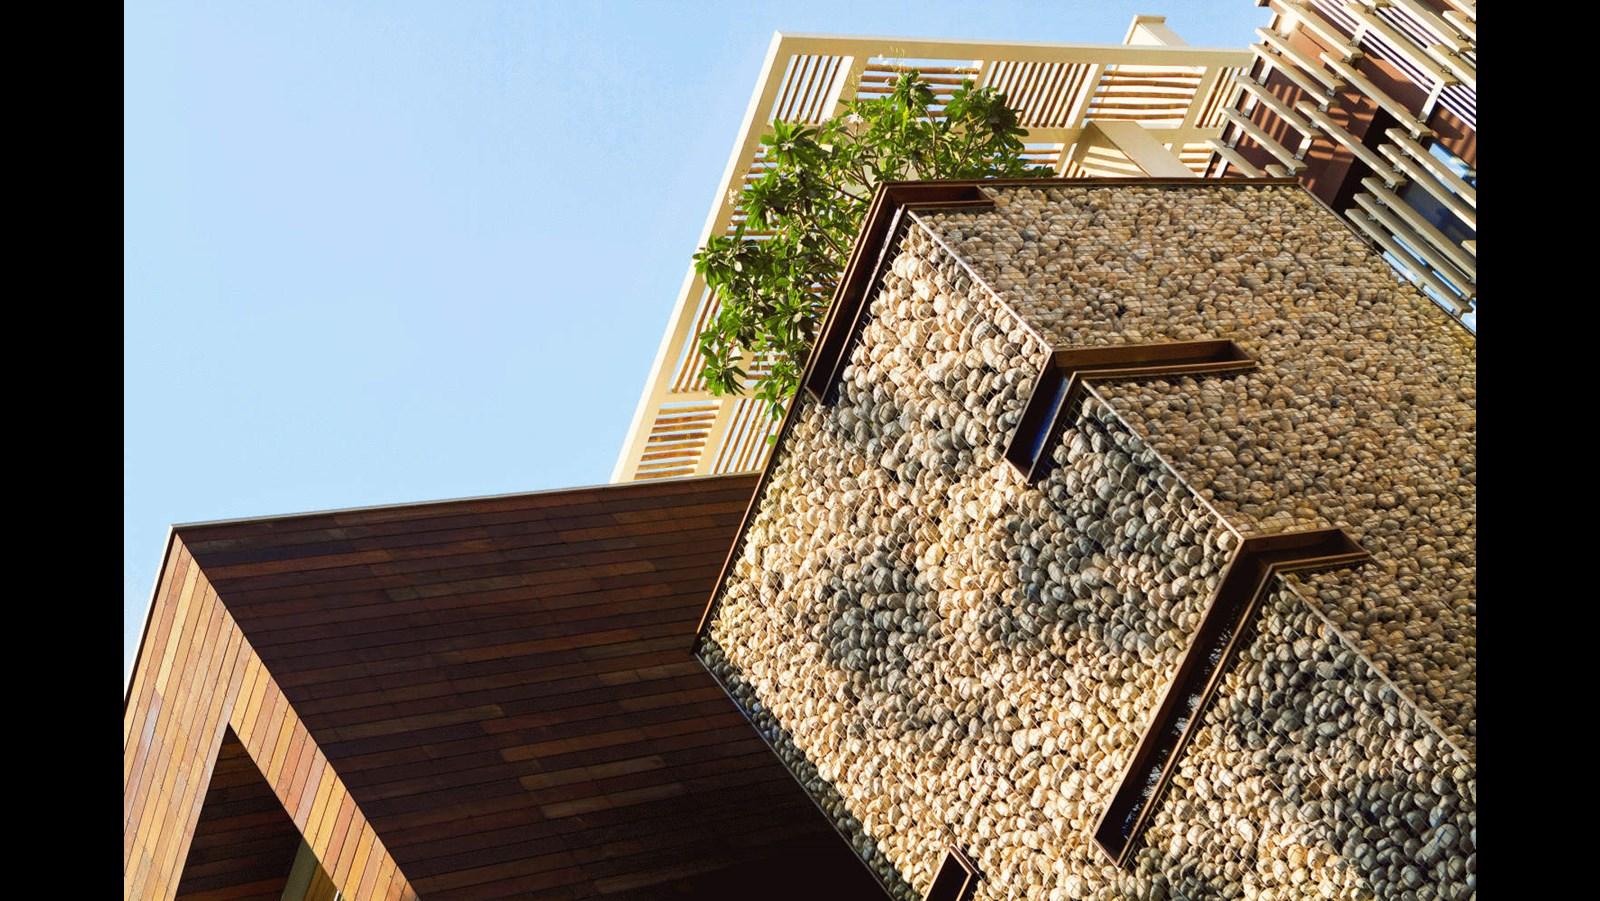 Mẫu nhà biệt thự phố hiện đại ấn tượng với nét đẹp kiến trúc hình khối - 7